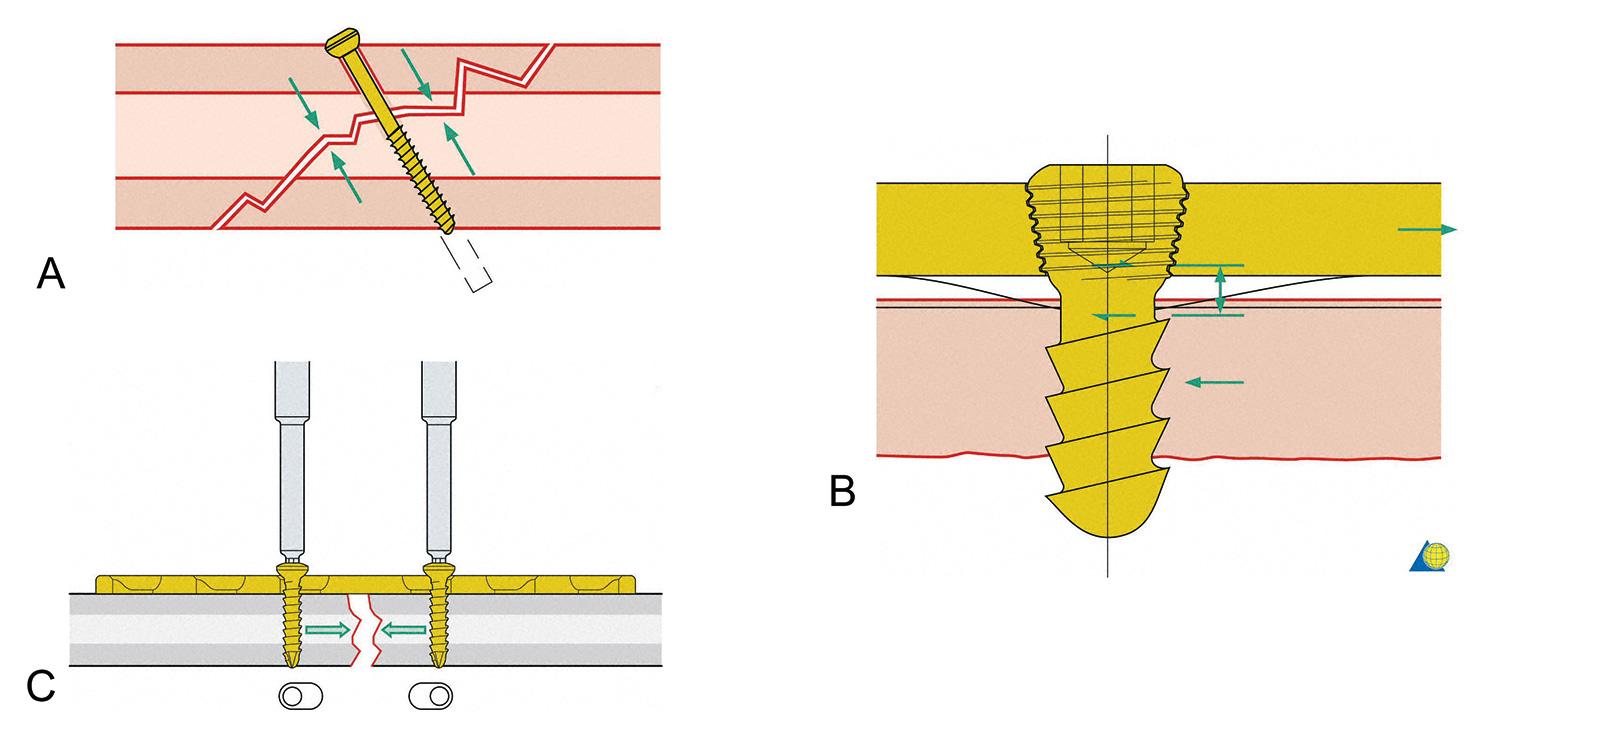 Abb. 3-3: Zugschraube die den Bruchspalt zusammenzieht (A), Locking Schraube (B), DC-Platte: exzentrische Schraubenlage: durch Anziehen der Schrauben wird der Bruchspalt komprimiert (C), (mit freundlicher Genehmigung von AO Publishing, Copyright © 2003, b